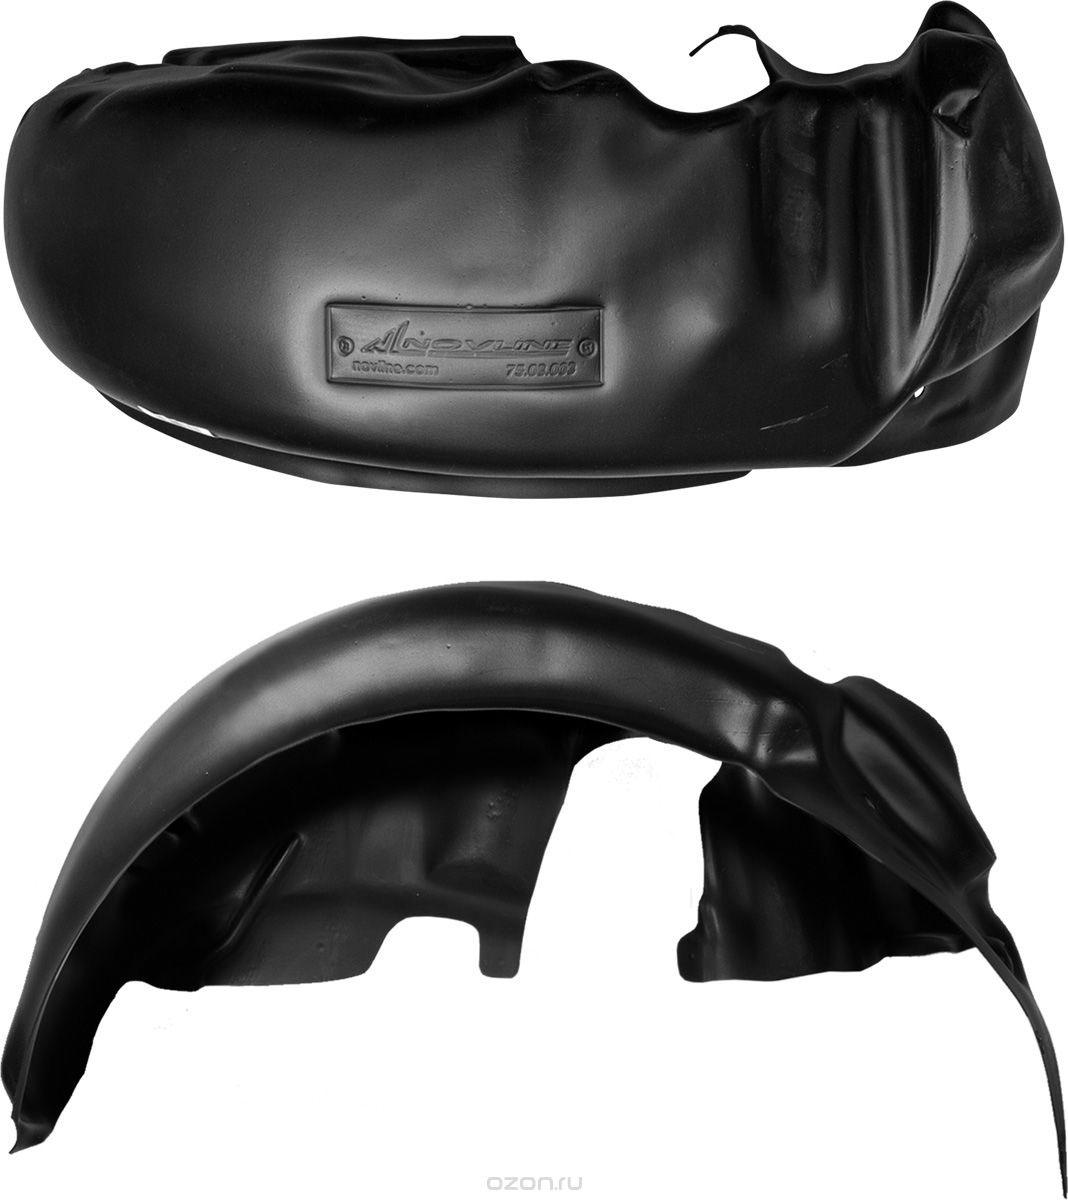 Подкрылок Novline-Autofamily, для CHEVROLET Aveo 5D/3D 2008->, хб., задний левый, NLL.08.13.003NLL.08.13.003Идеальная защита колесной ниши. Локеры разработаны с применением цифровых технологий, гарантируют максимальную повторяемость поверхности арки. Изделия устанавливаются без нарушения лакокрасочного покрытия автомобиля, каждый подкрылок комплектуется крепежом. Уважаемые клиенты, обращаем ваше внимание, что фотографии на подкрылки универсальные и не отражают реальную форму изделия. При этом само изделие идет точно под размер указанного автомобиля.